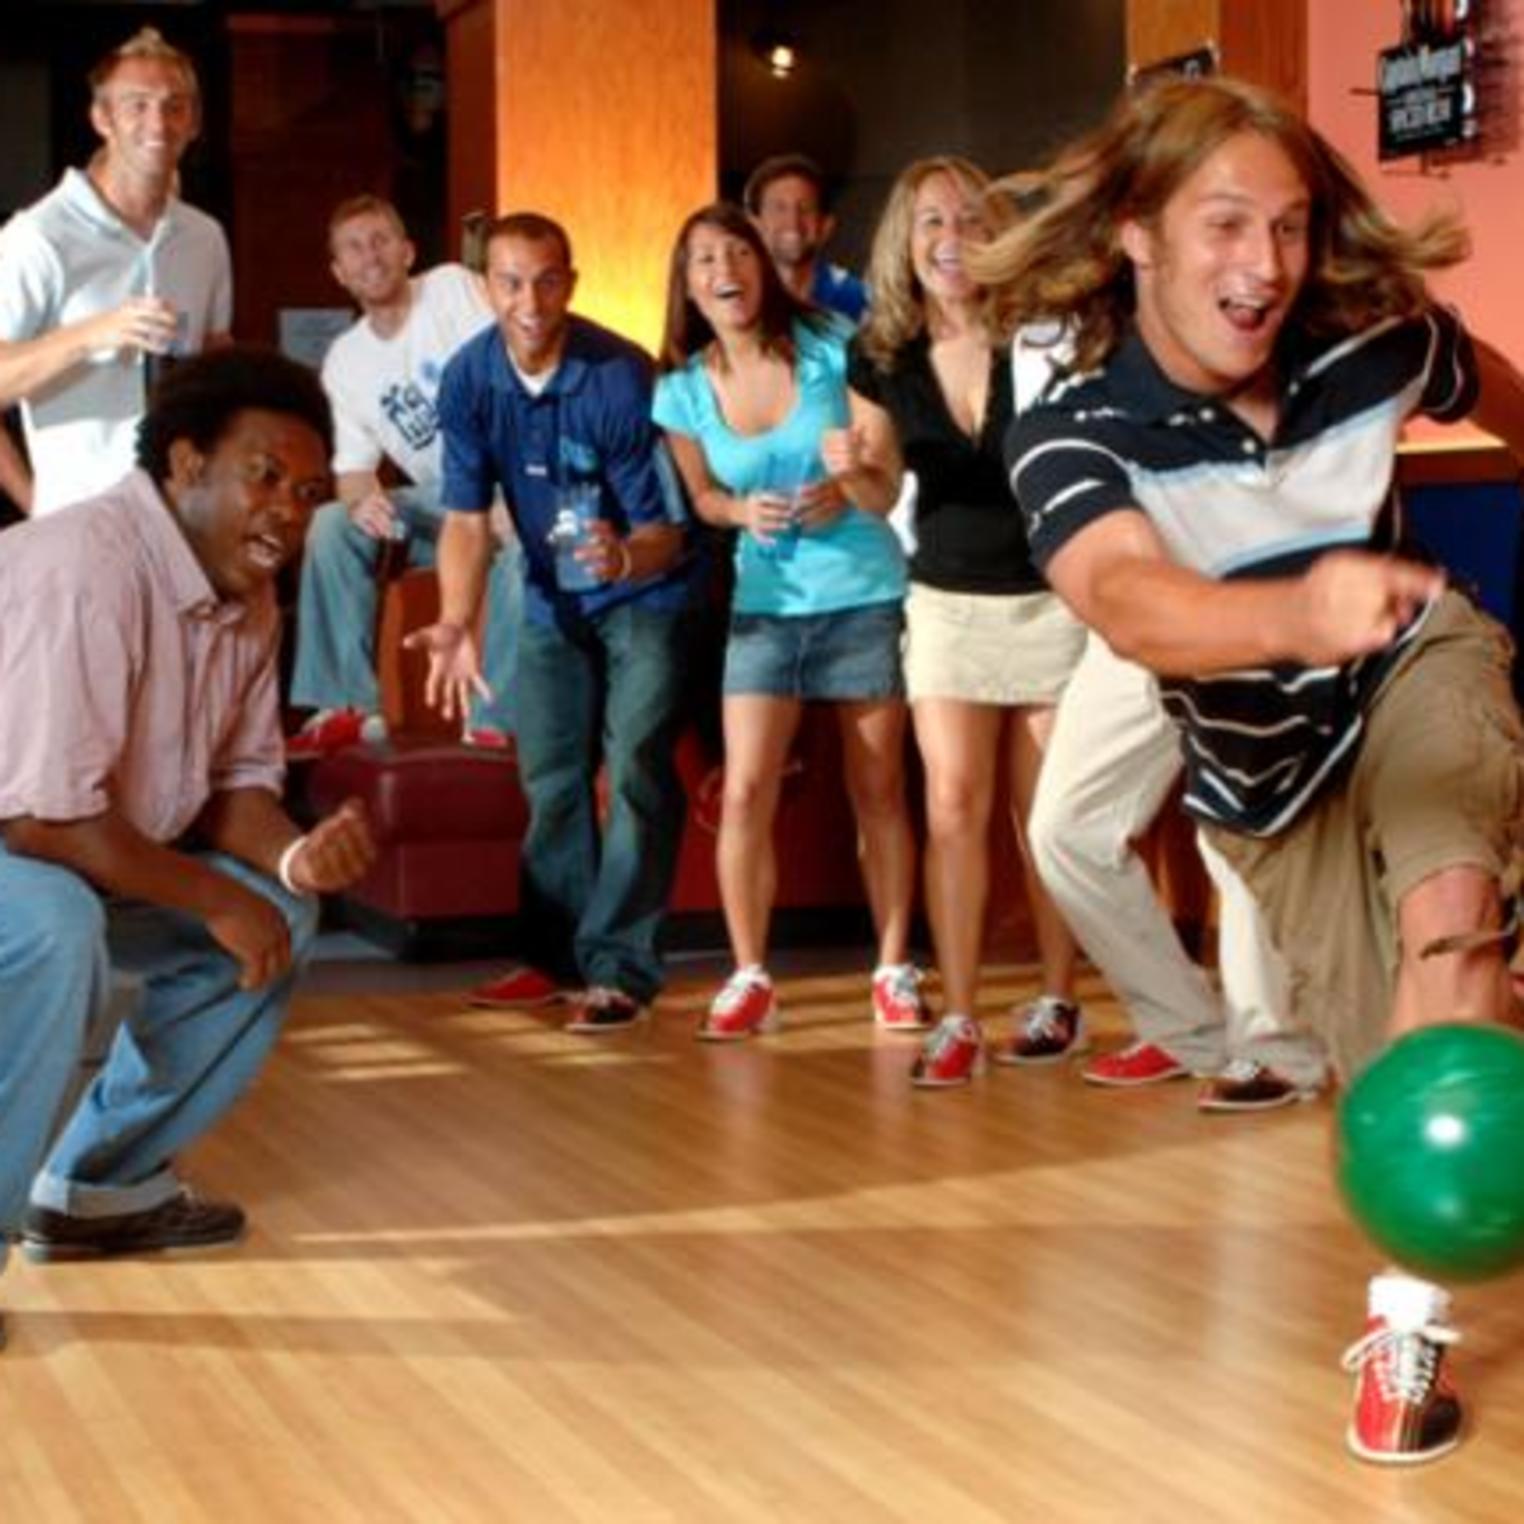 Bowling at the Coliseum Megaplex